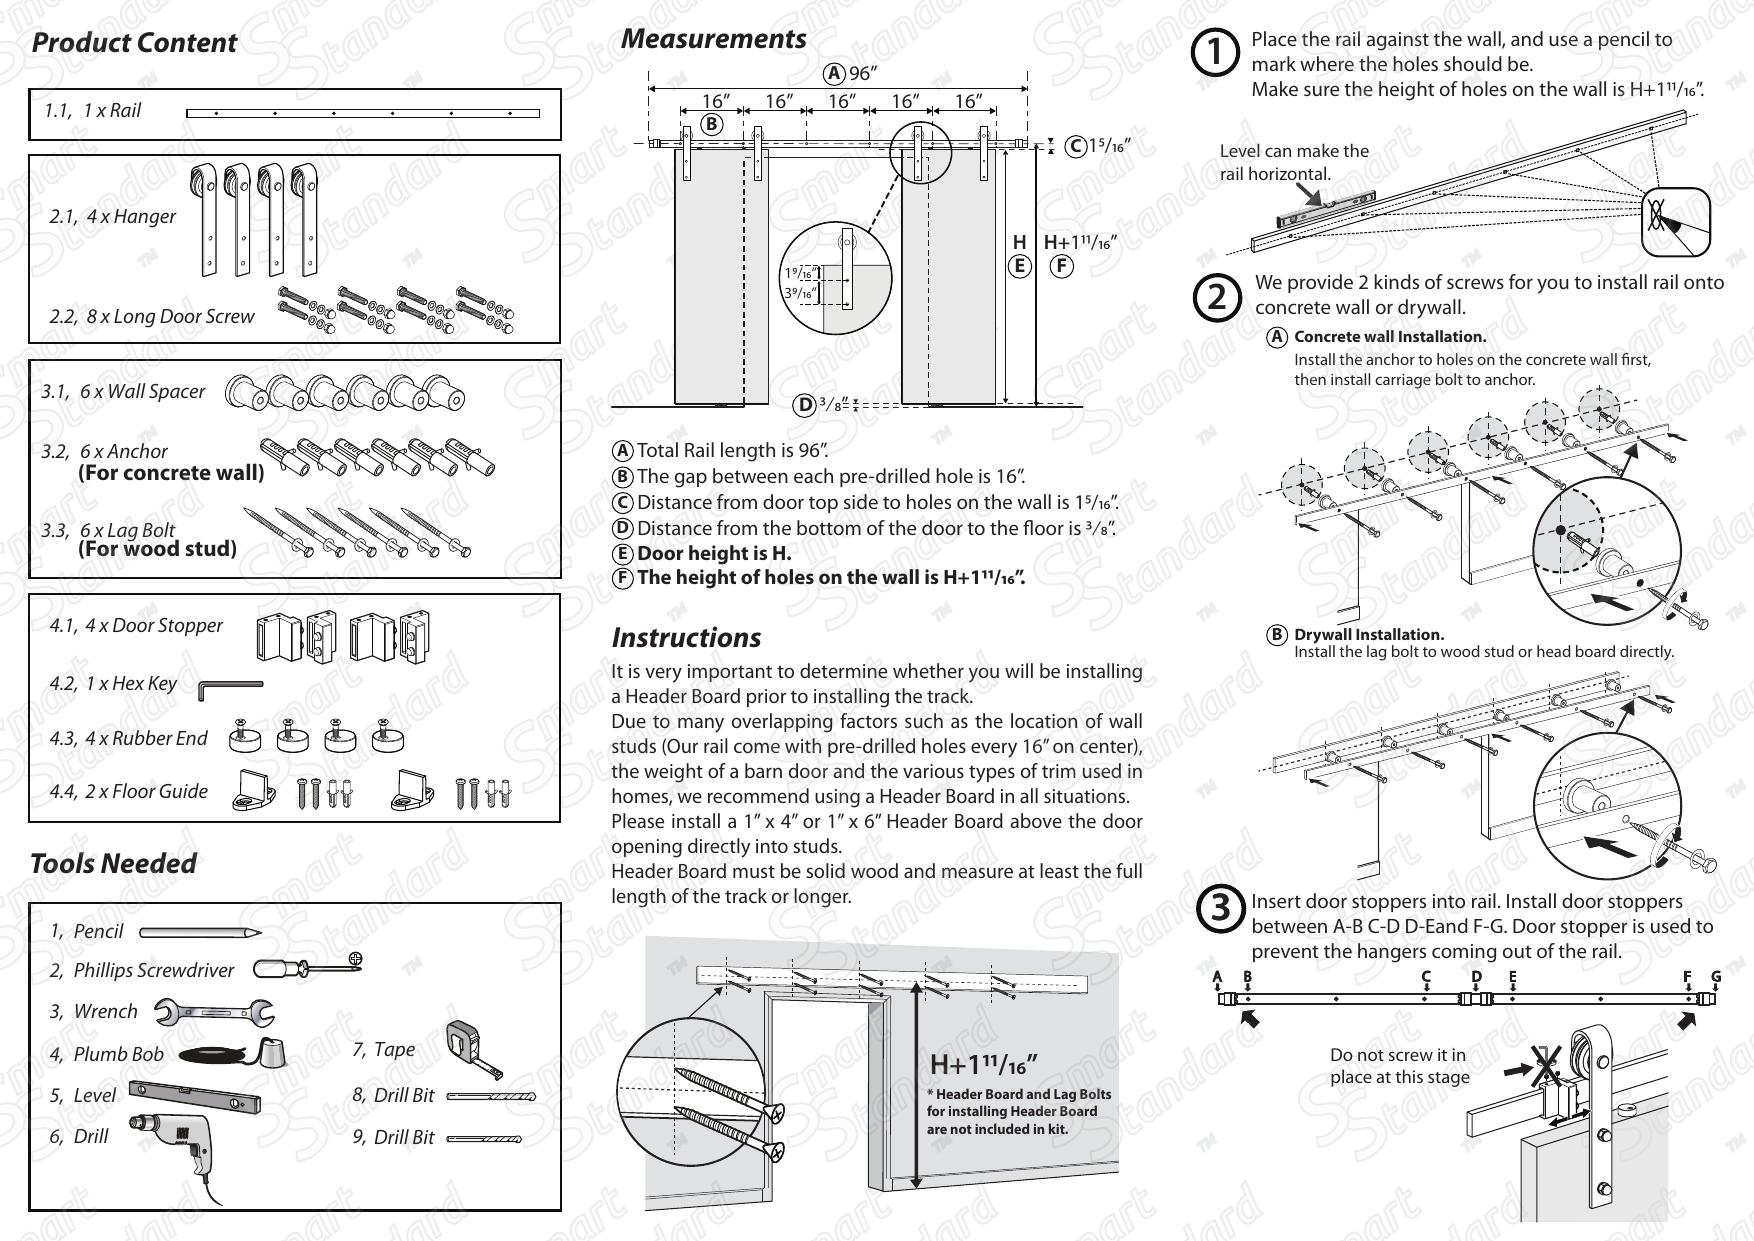 Smartstandard 8ft Heavy Duty Sliding Barn Sliding Door Hardware User Manual Manualzz